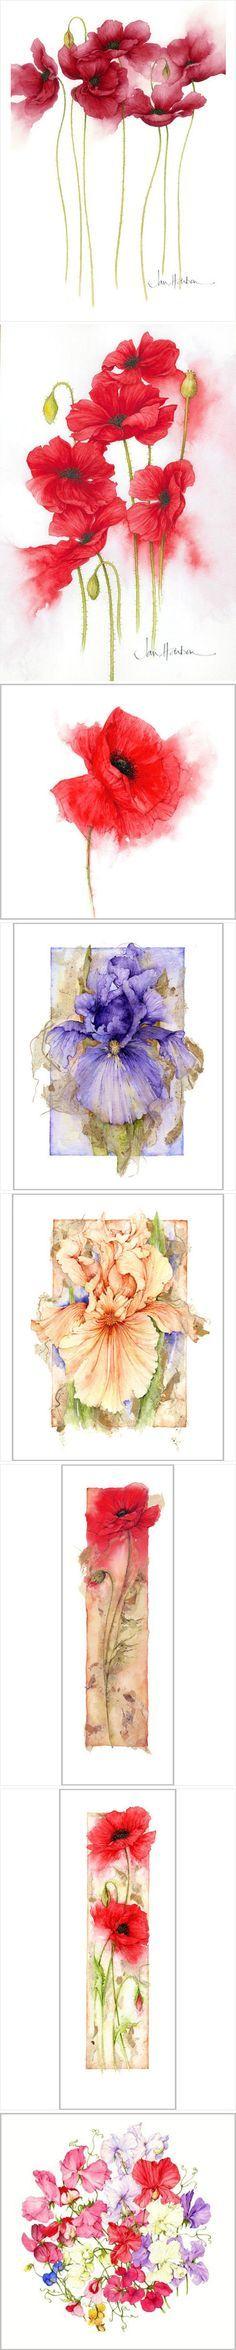 Jan Harbon's exquisite watercolours.